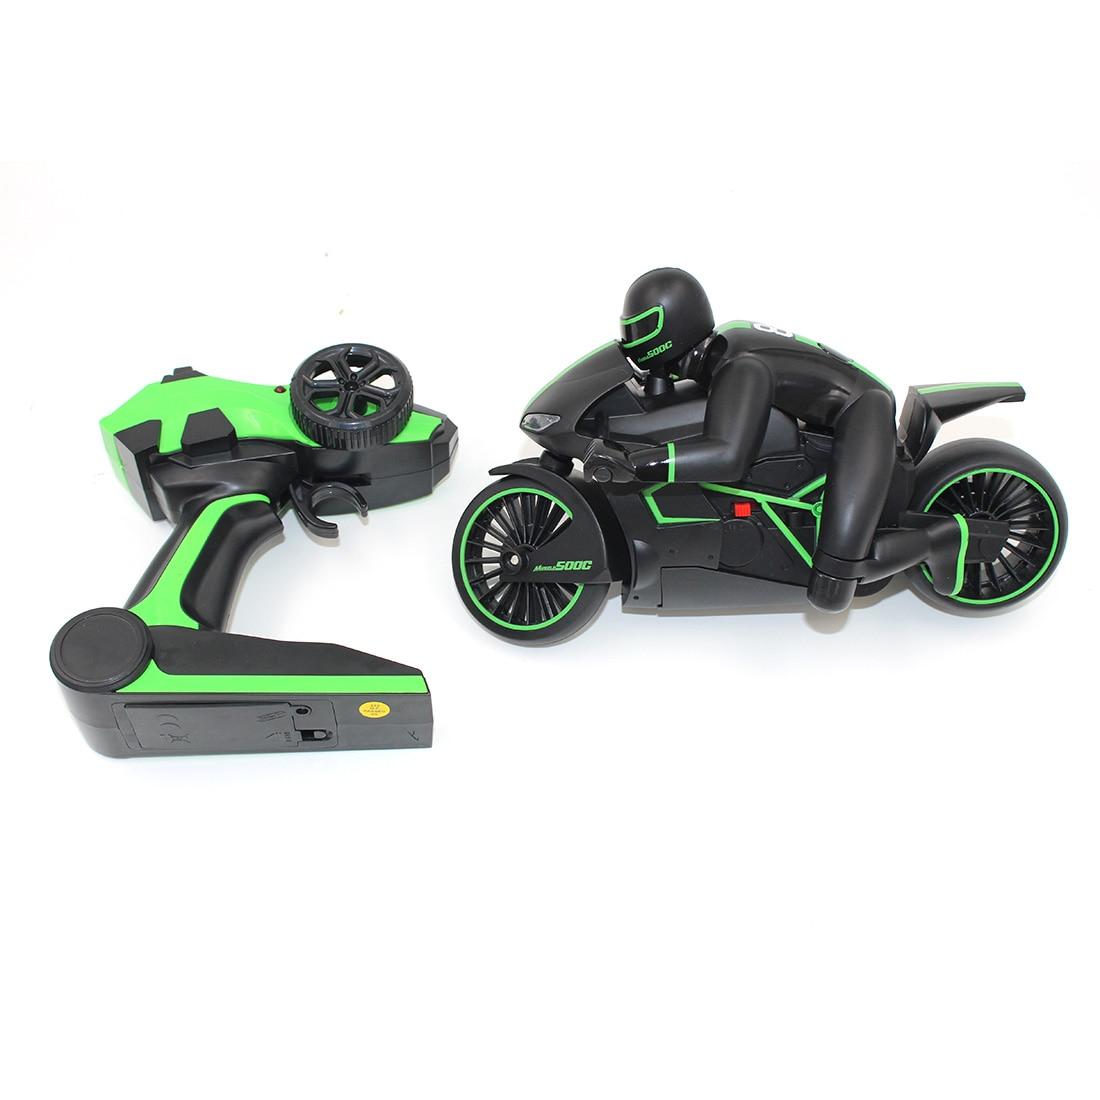 Rc детей Игрушечные лошадки автомобиль высокоскоростной мотоциклов-зеленый (Евро вилка)